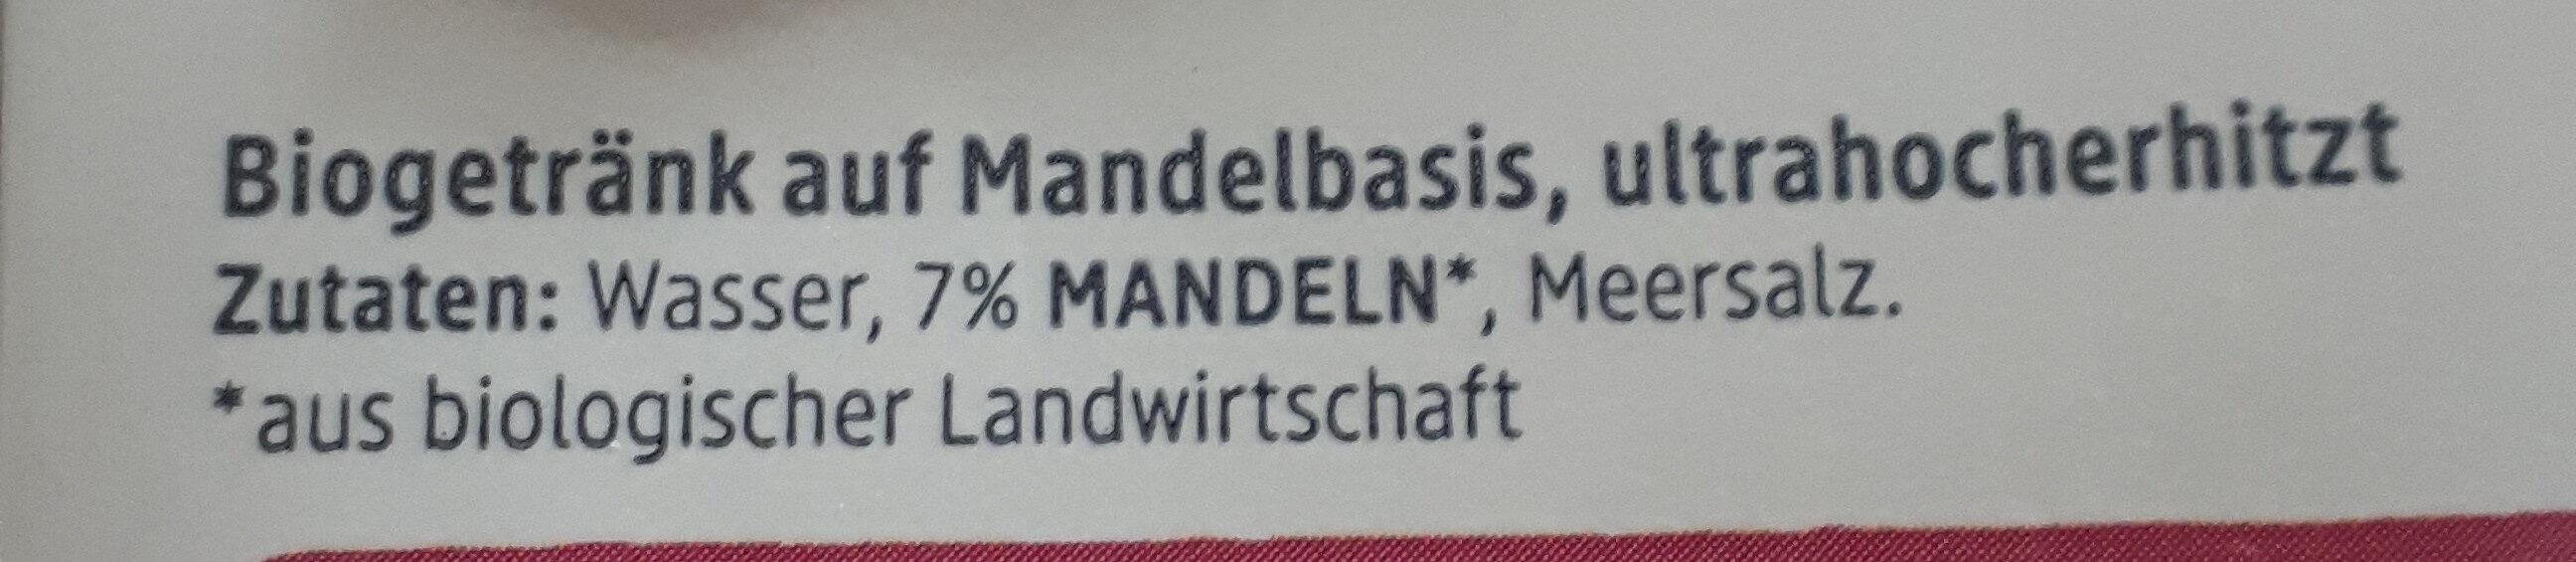 Mandeldrink natur - Ingredients - en